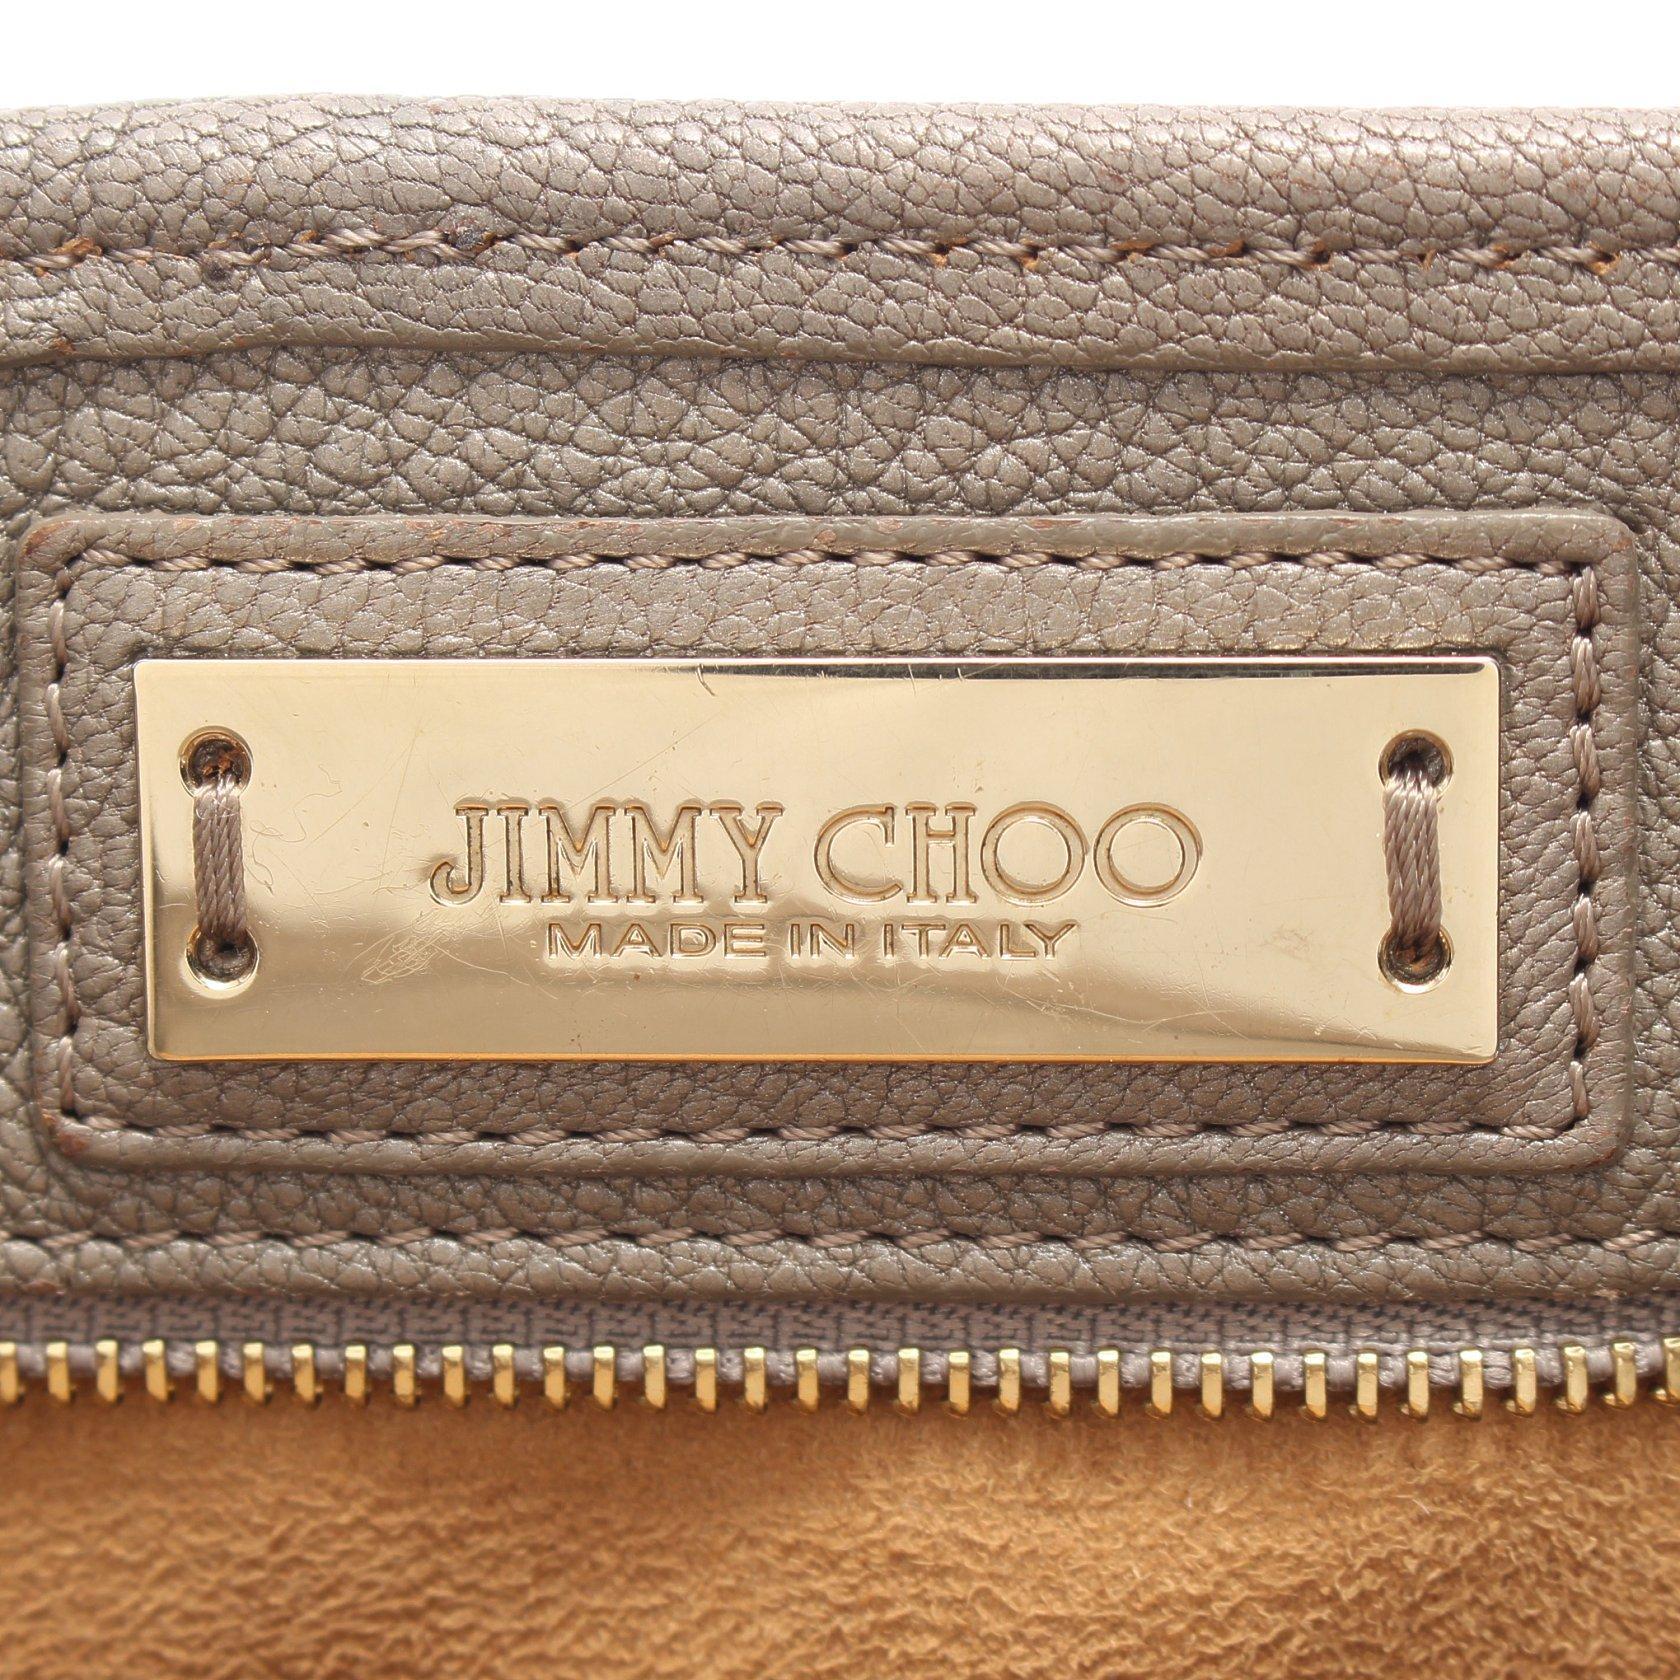 JIMMY CHOO・バッグ・サシャM ショルダーバッグ トートバッグ レザー グレーベージュ スタースタッズ